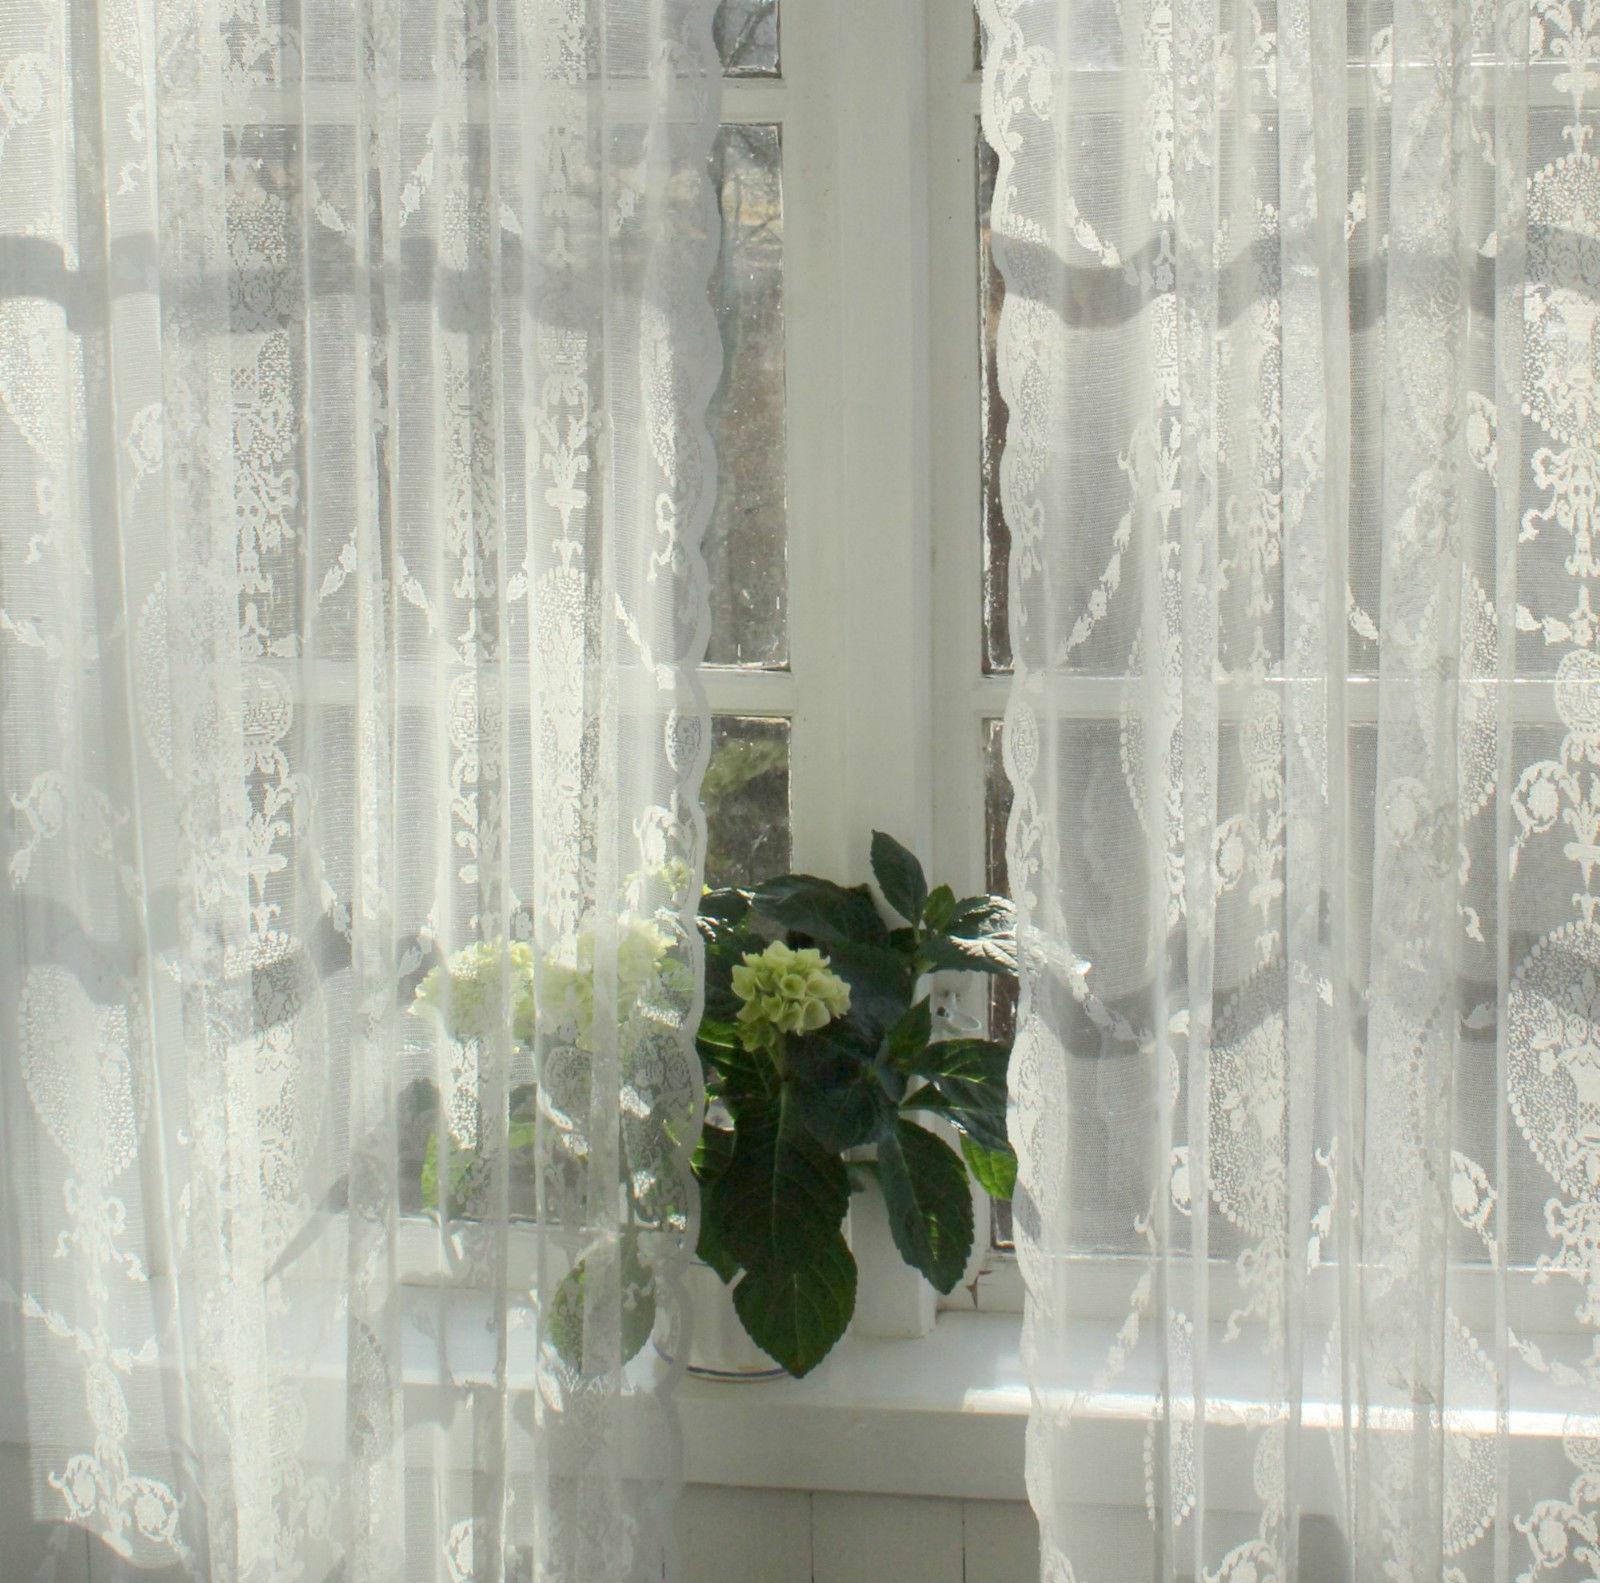 vorhang avery offwhite 300 spitzen gardine 140x300 cm 2 st ck gardinen vorh nge gardinen. Black Bedroom Furniture Sets. Home Design Ideas